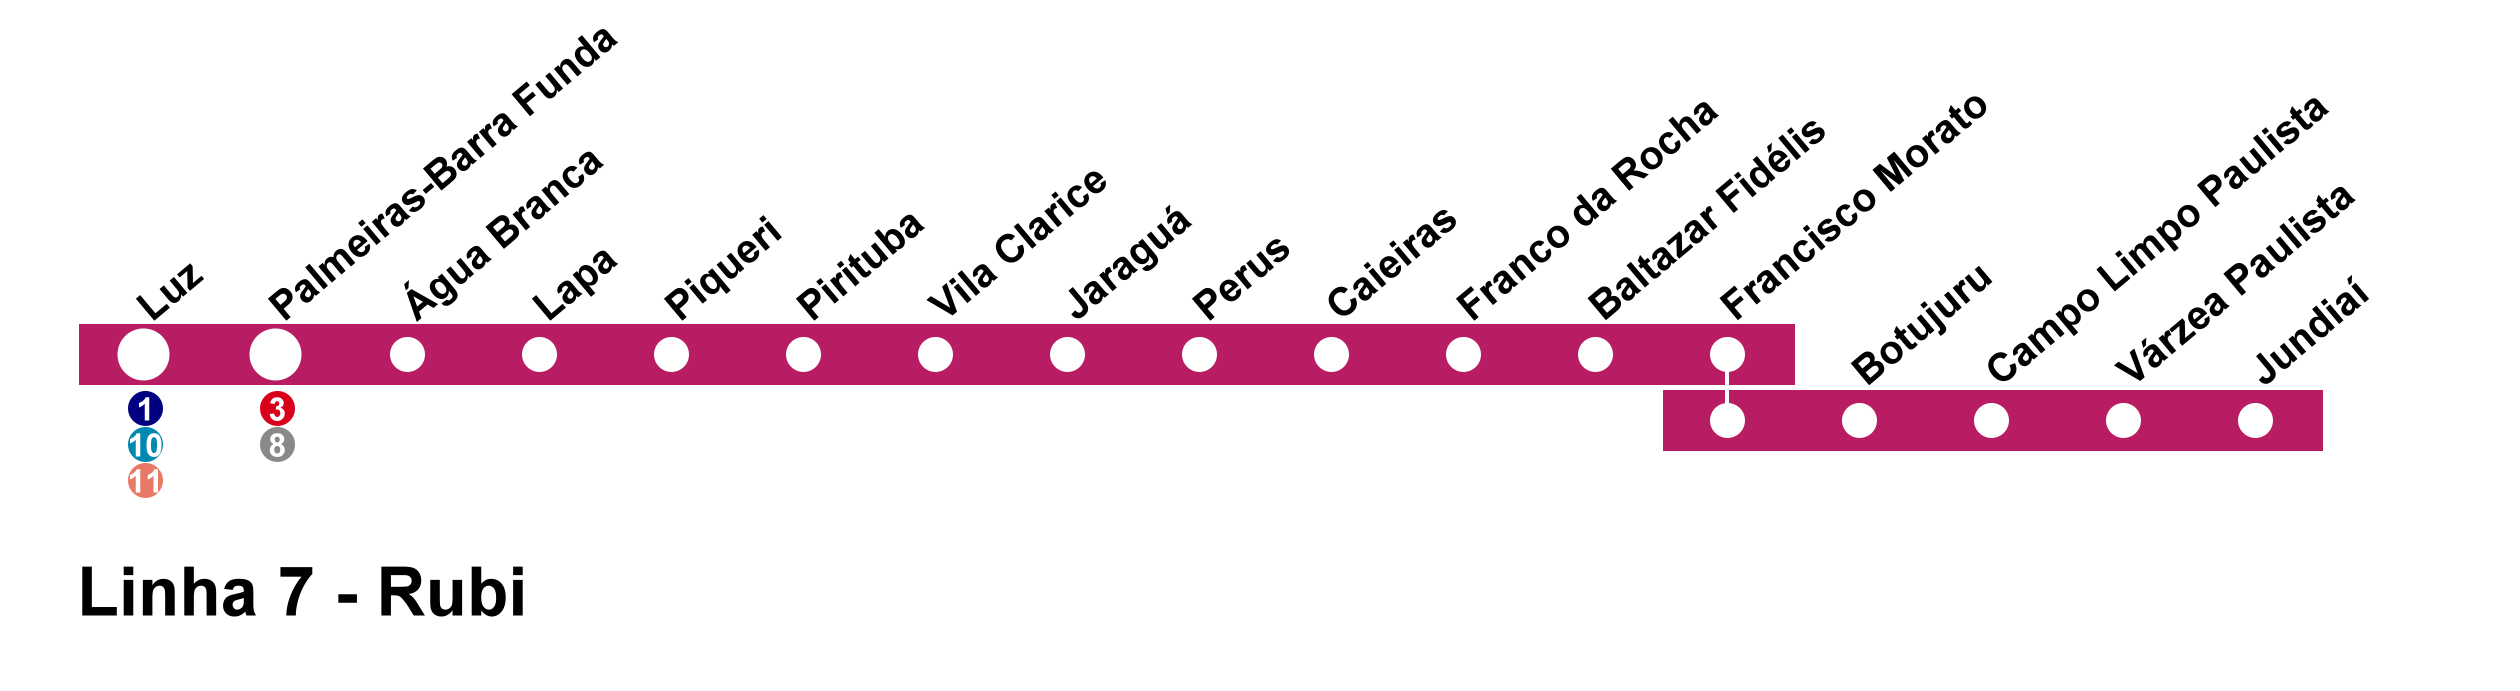 Mapa_Linha_7-Rubi